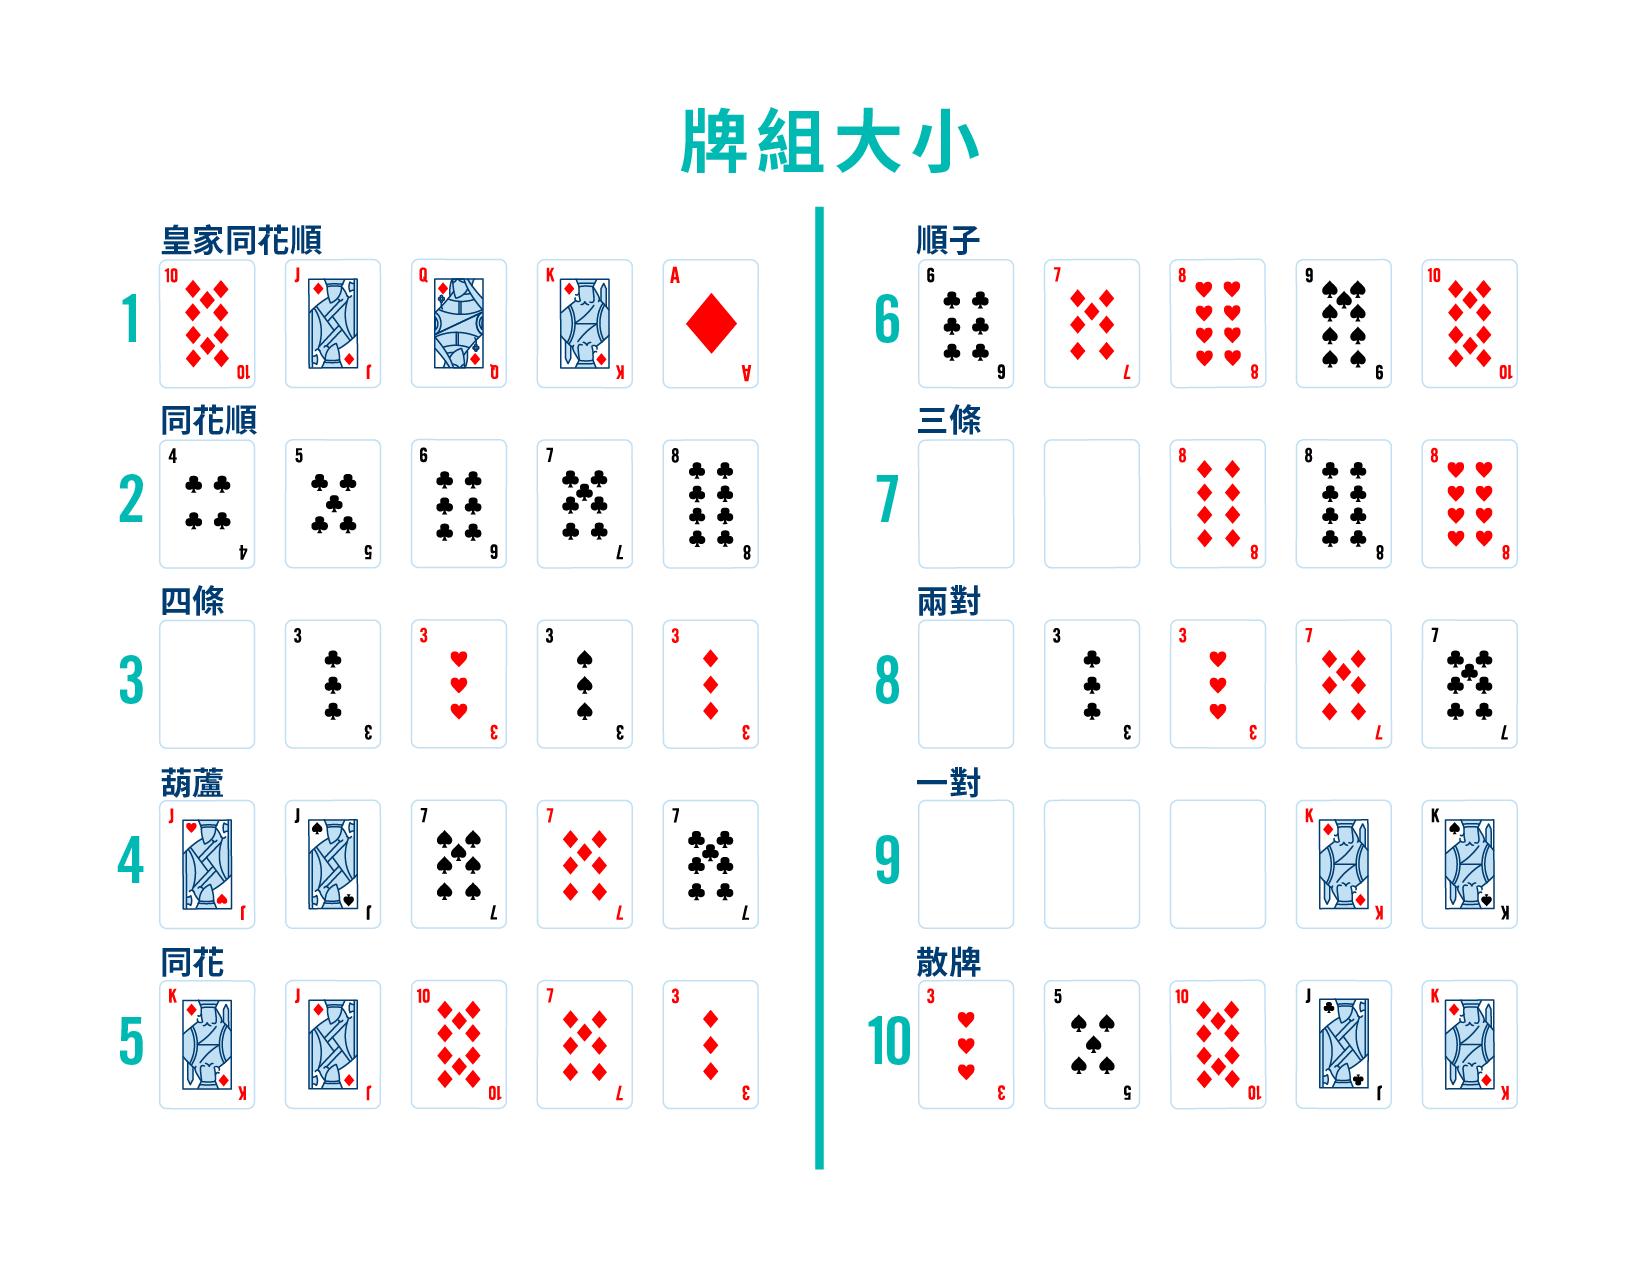 圖片名為牌型排名。圖中共有十行牌型組合,每行五張撲克,從高到低顯示出所有牌型的排行